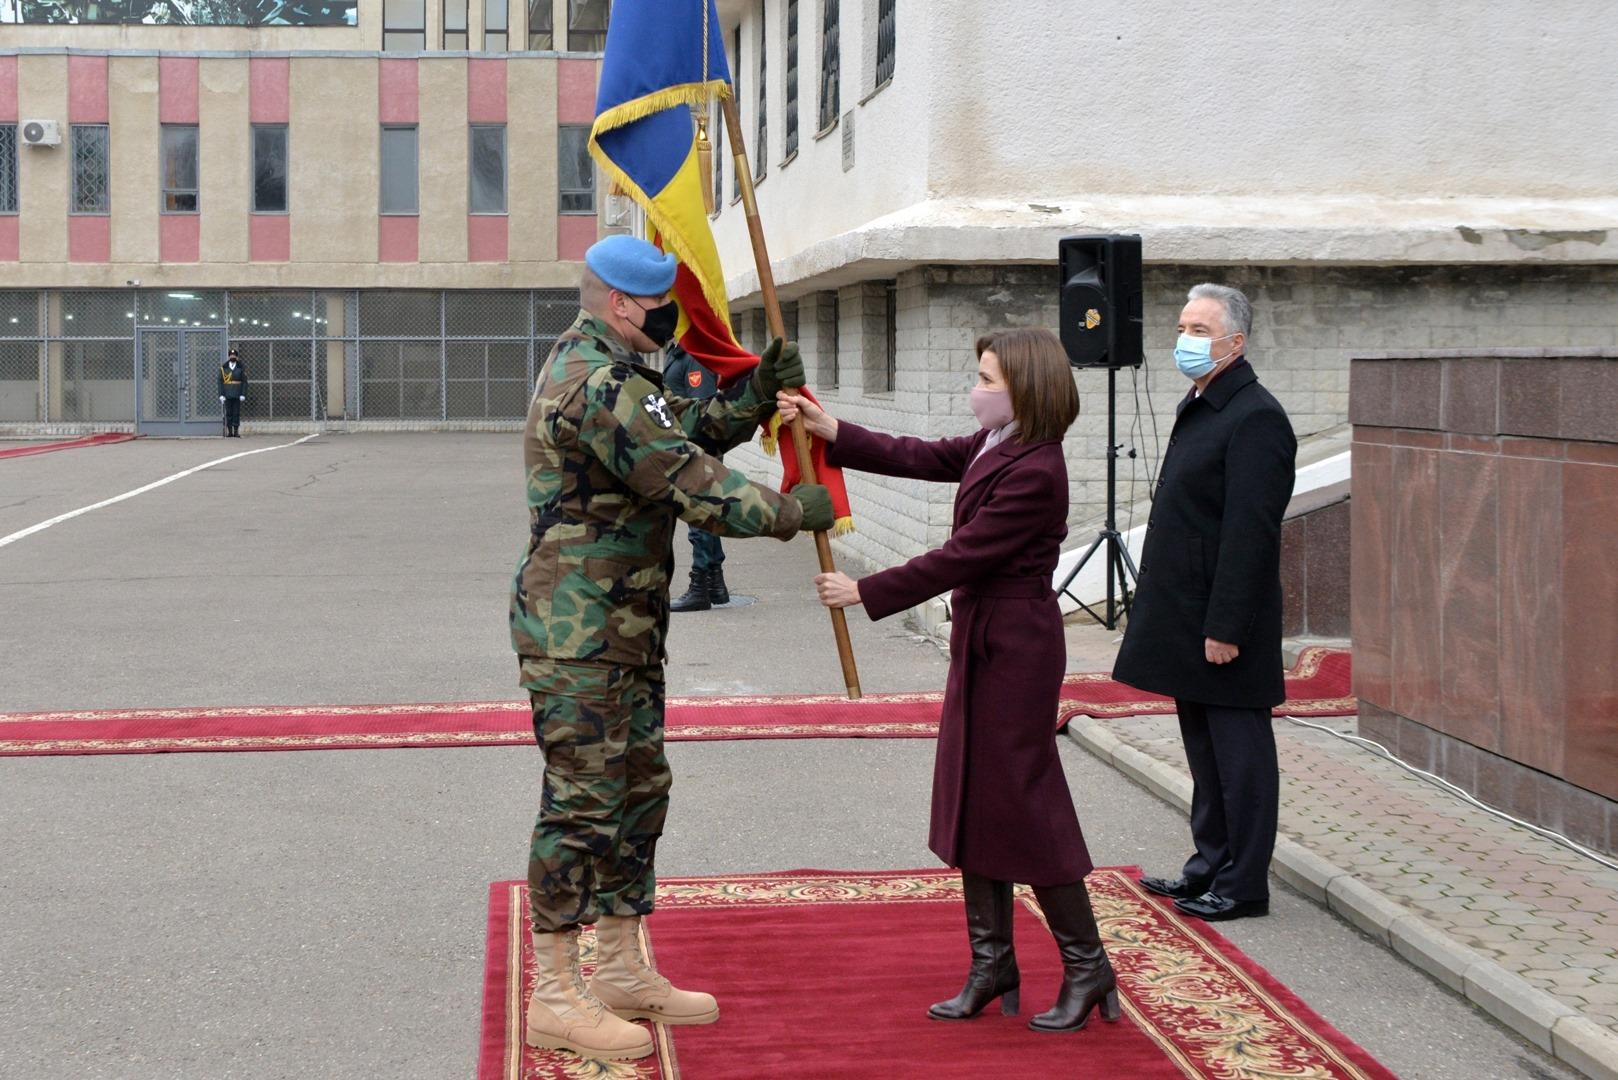 A fost detașat un nou contingent în operaţiunea de menţinere a păcii KFOR din Kosovo